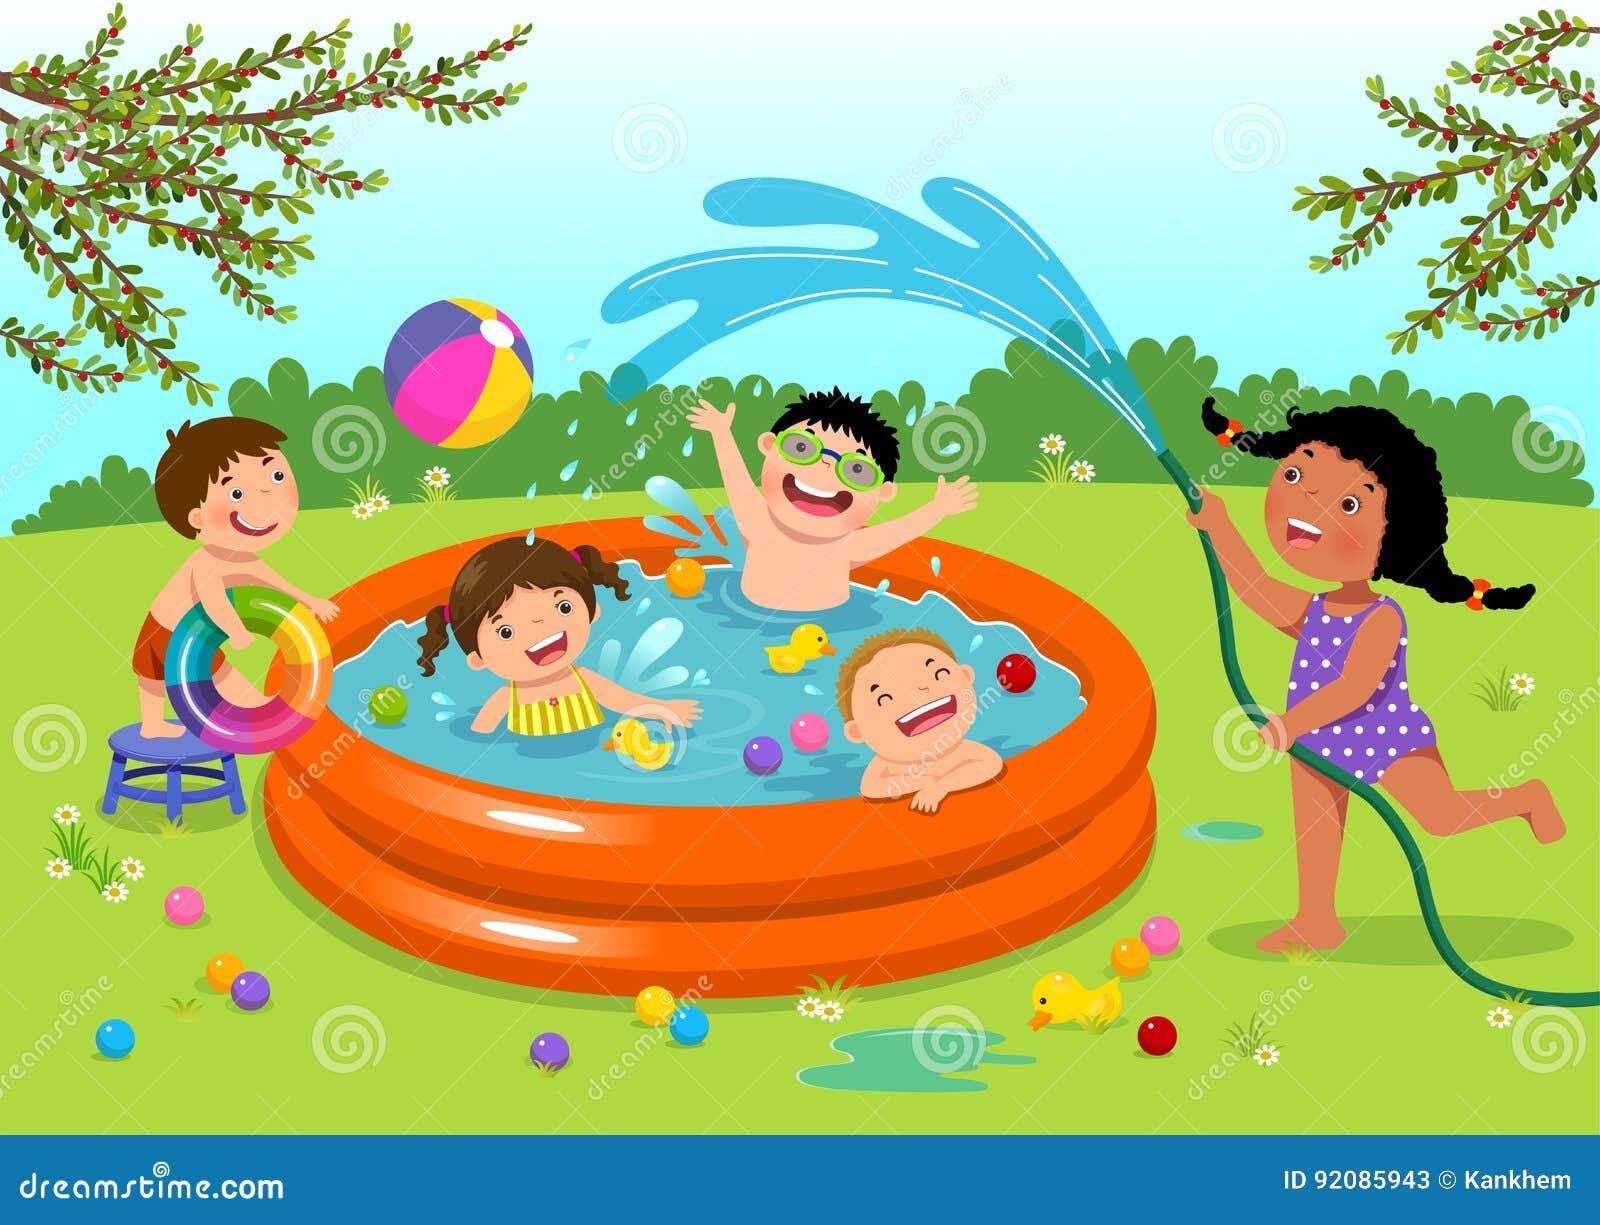 Ni os alegres que juegan en piscina inflable en el patio for Piscina inflable ninos